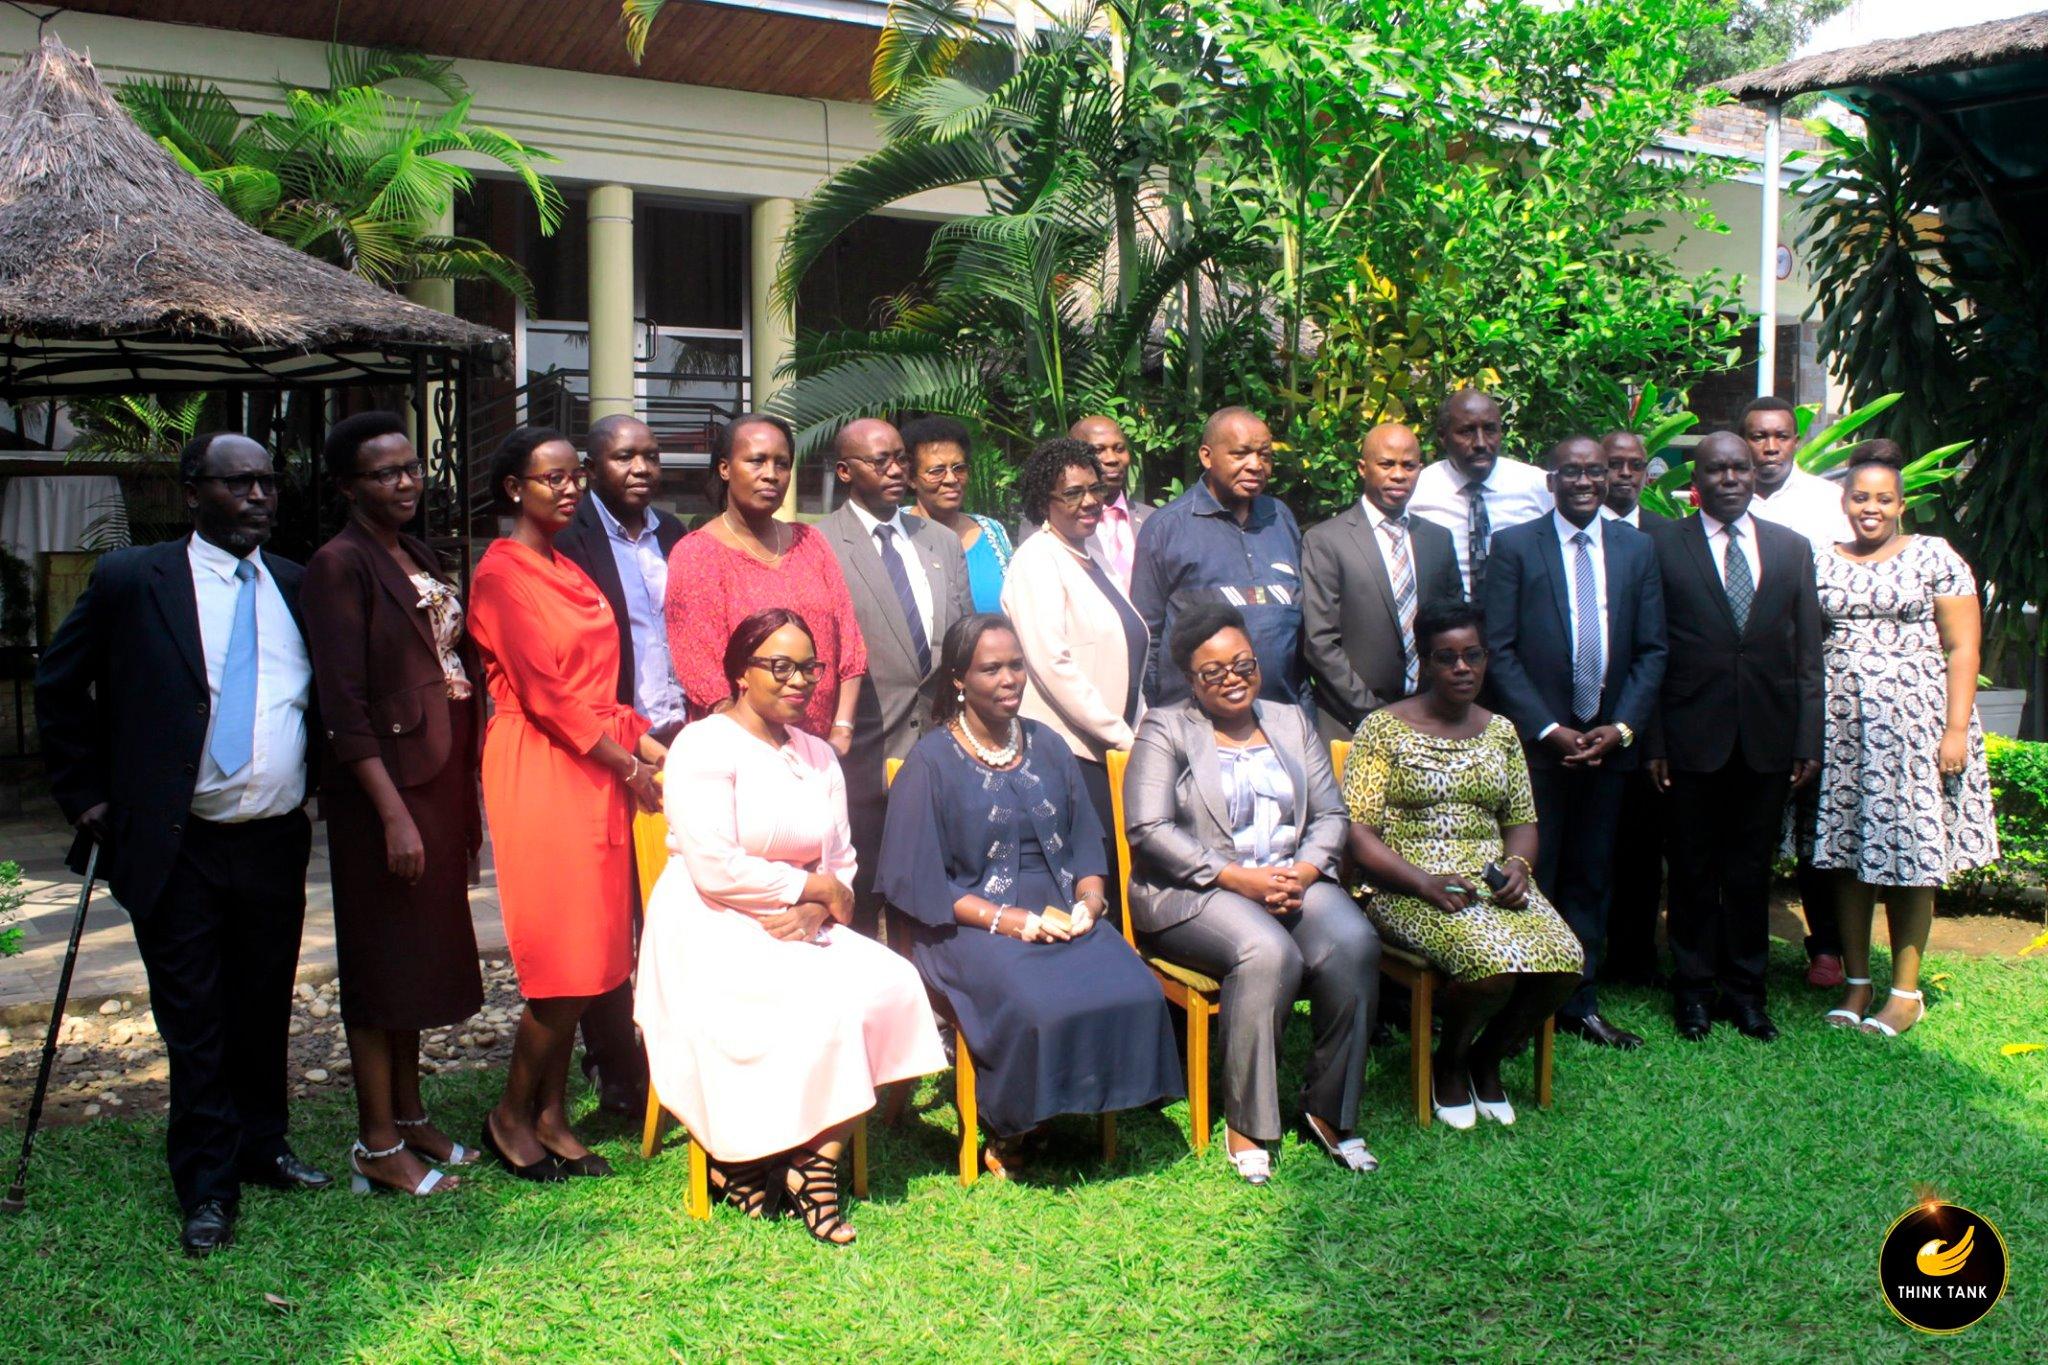 Burundi : comment améliorer la réglementation du crédit, du travail et des affaires ?